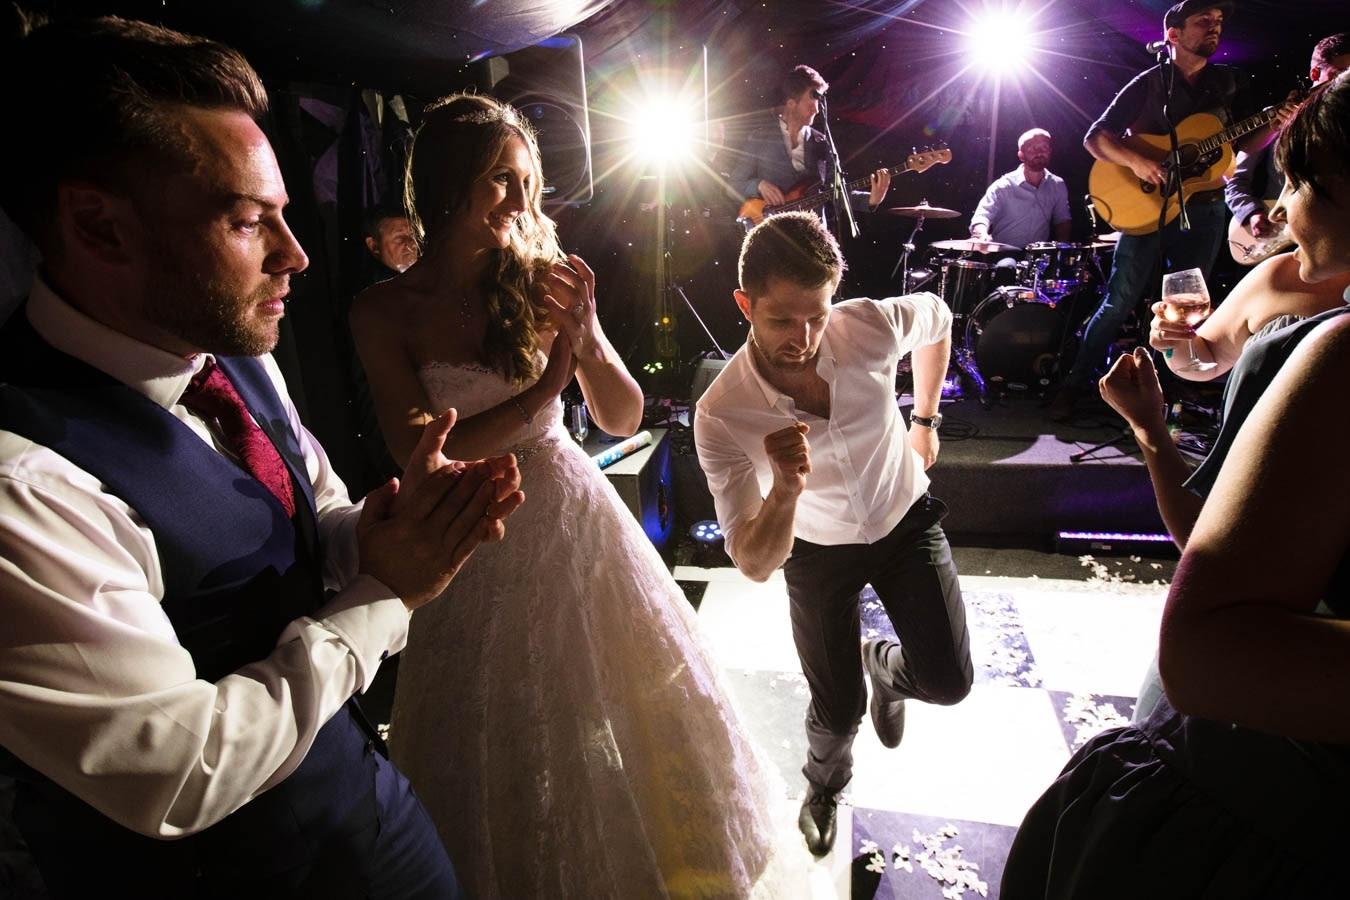 Bridebook.co.uk - bride and groom dancing with guests